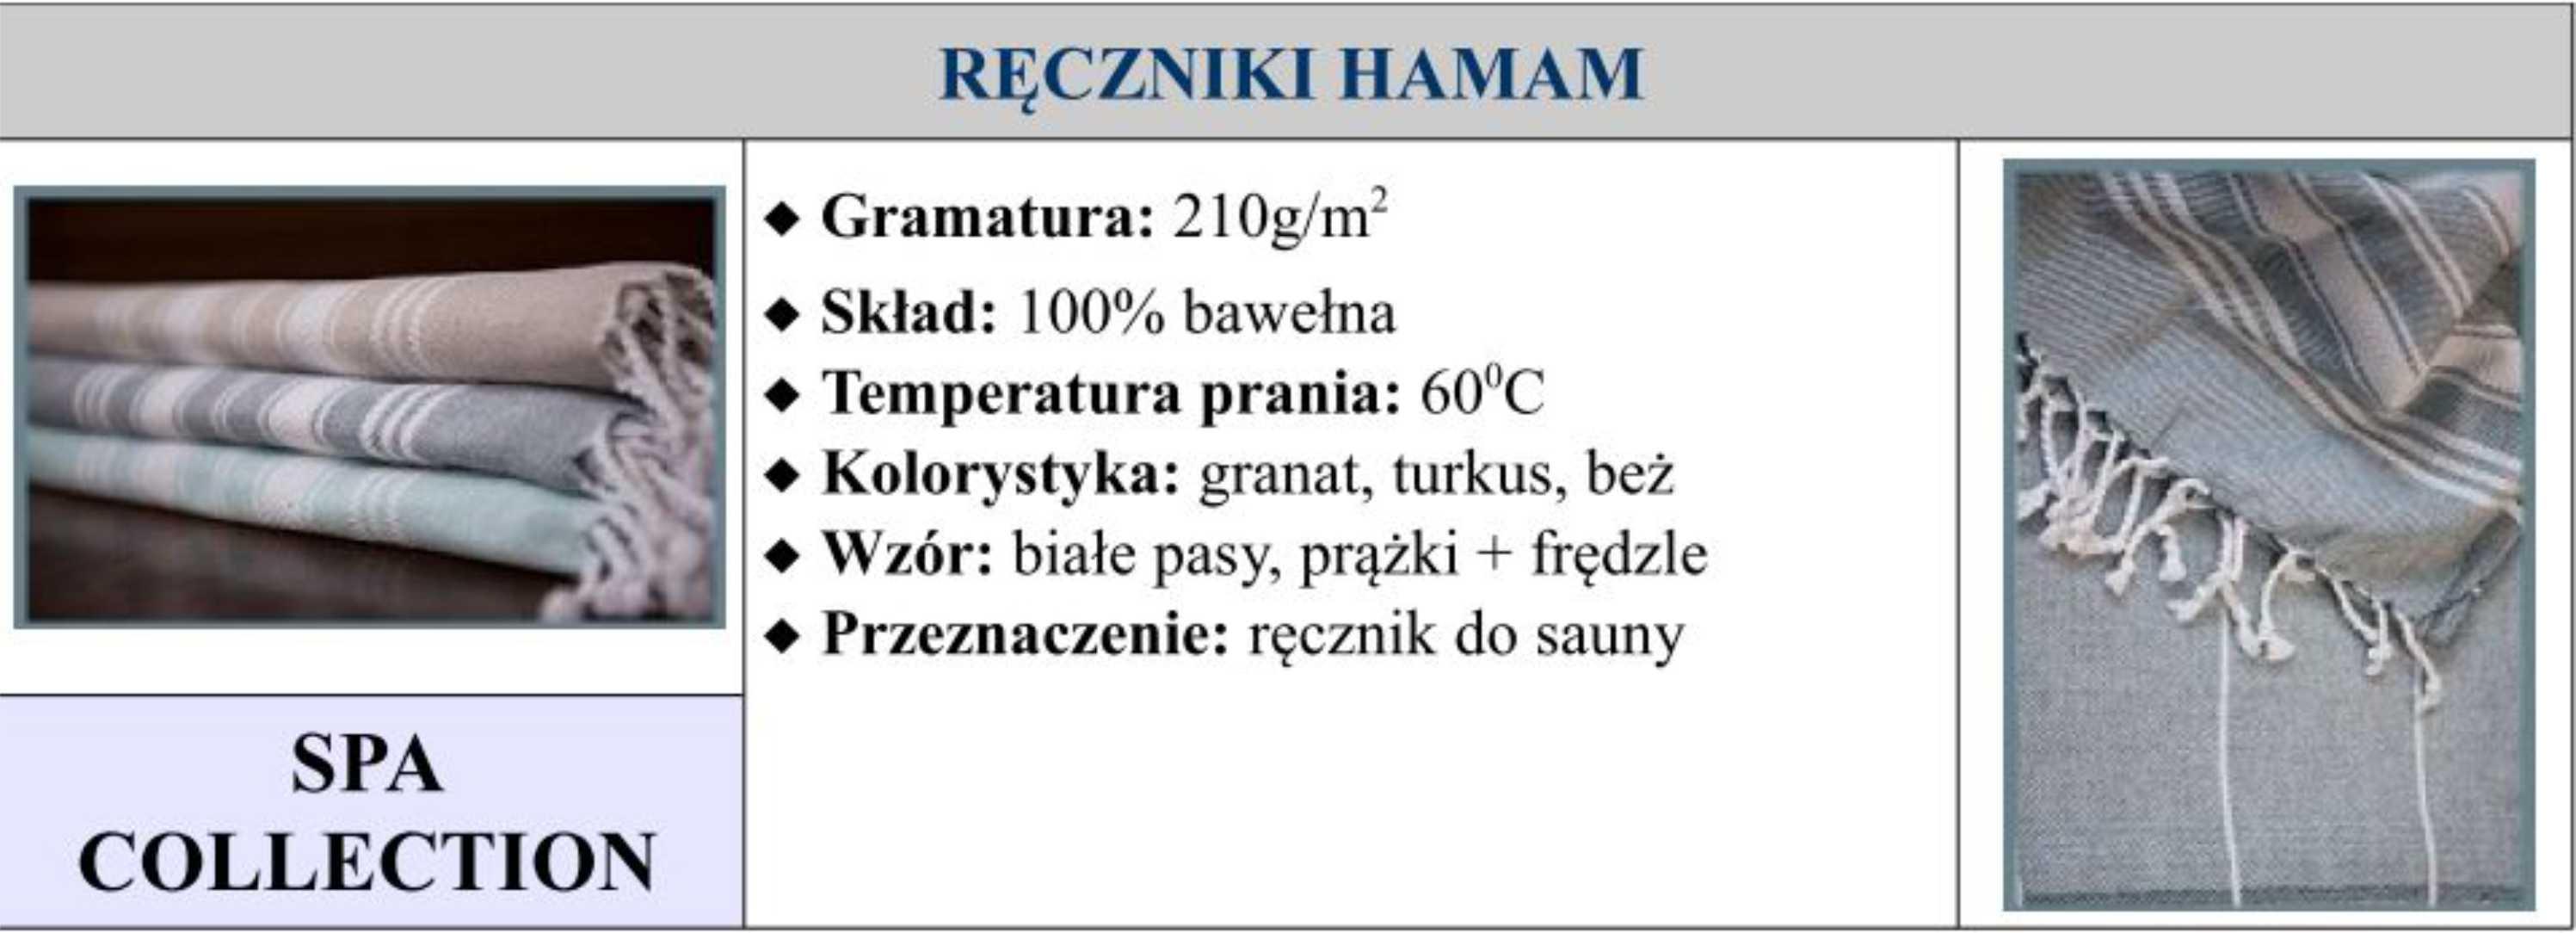 Ręczniki HAMAM